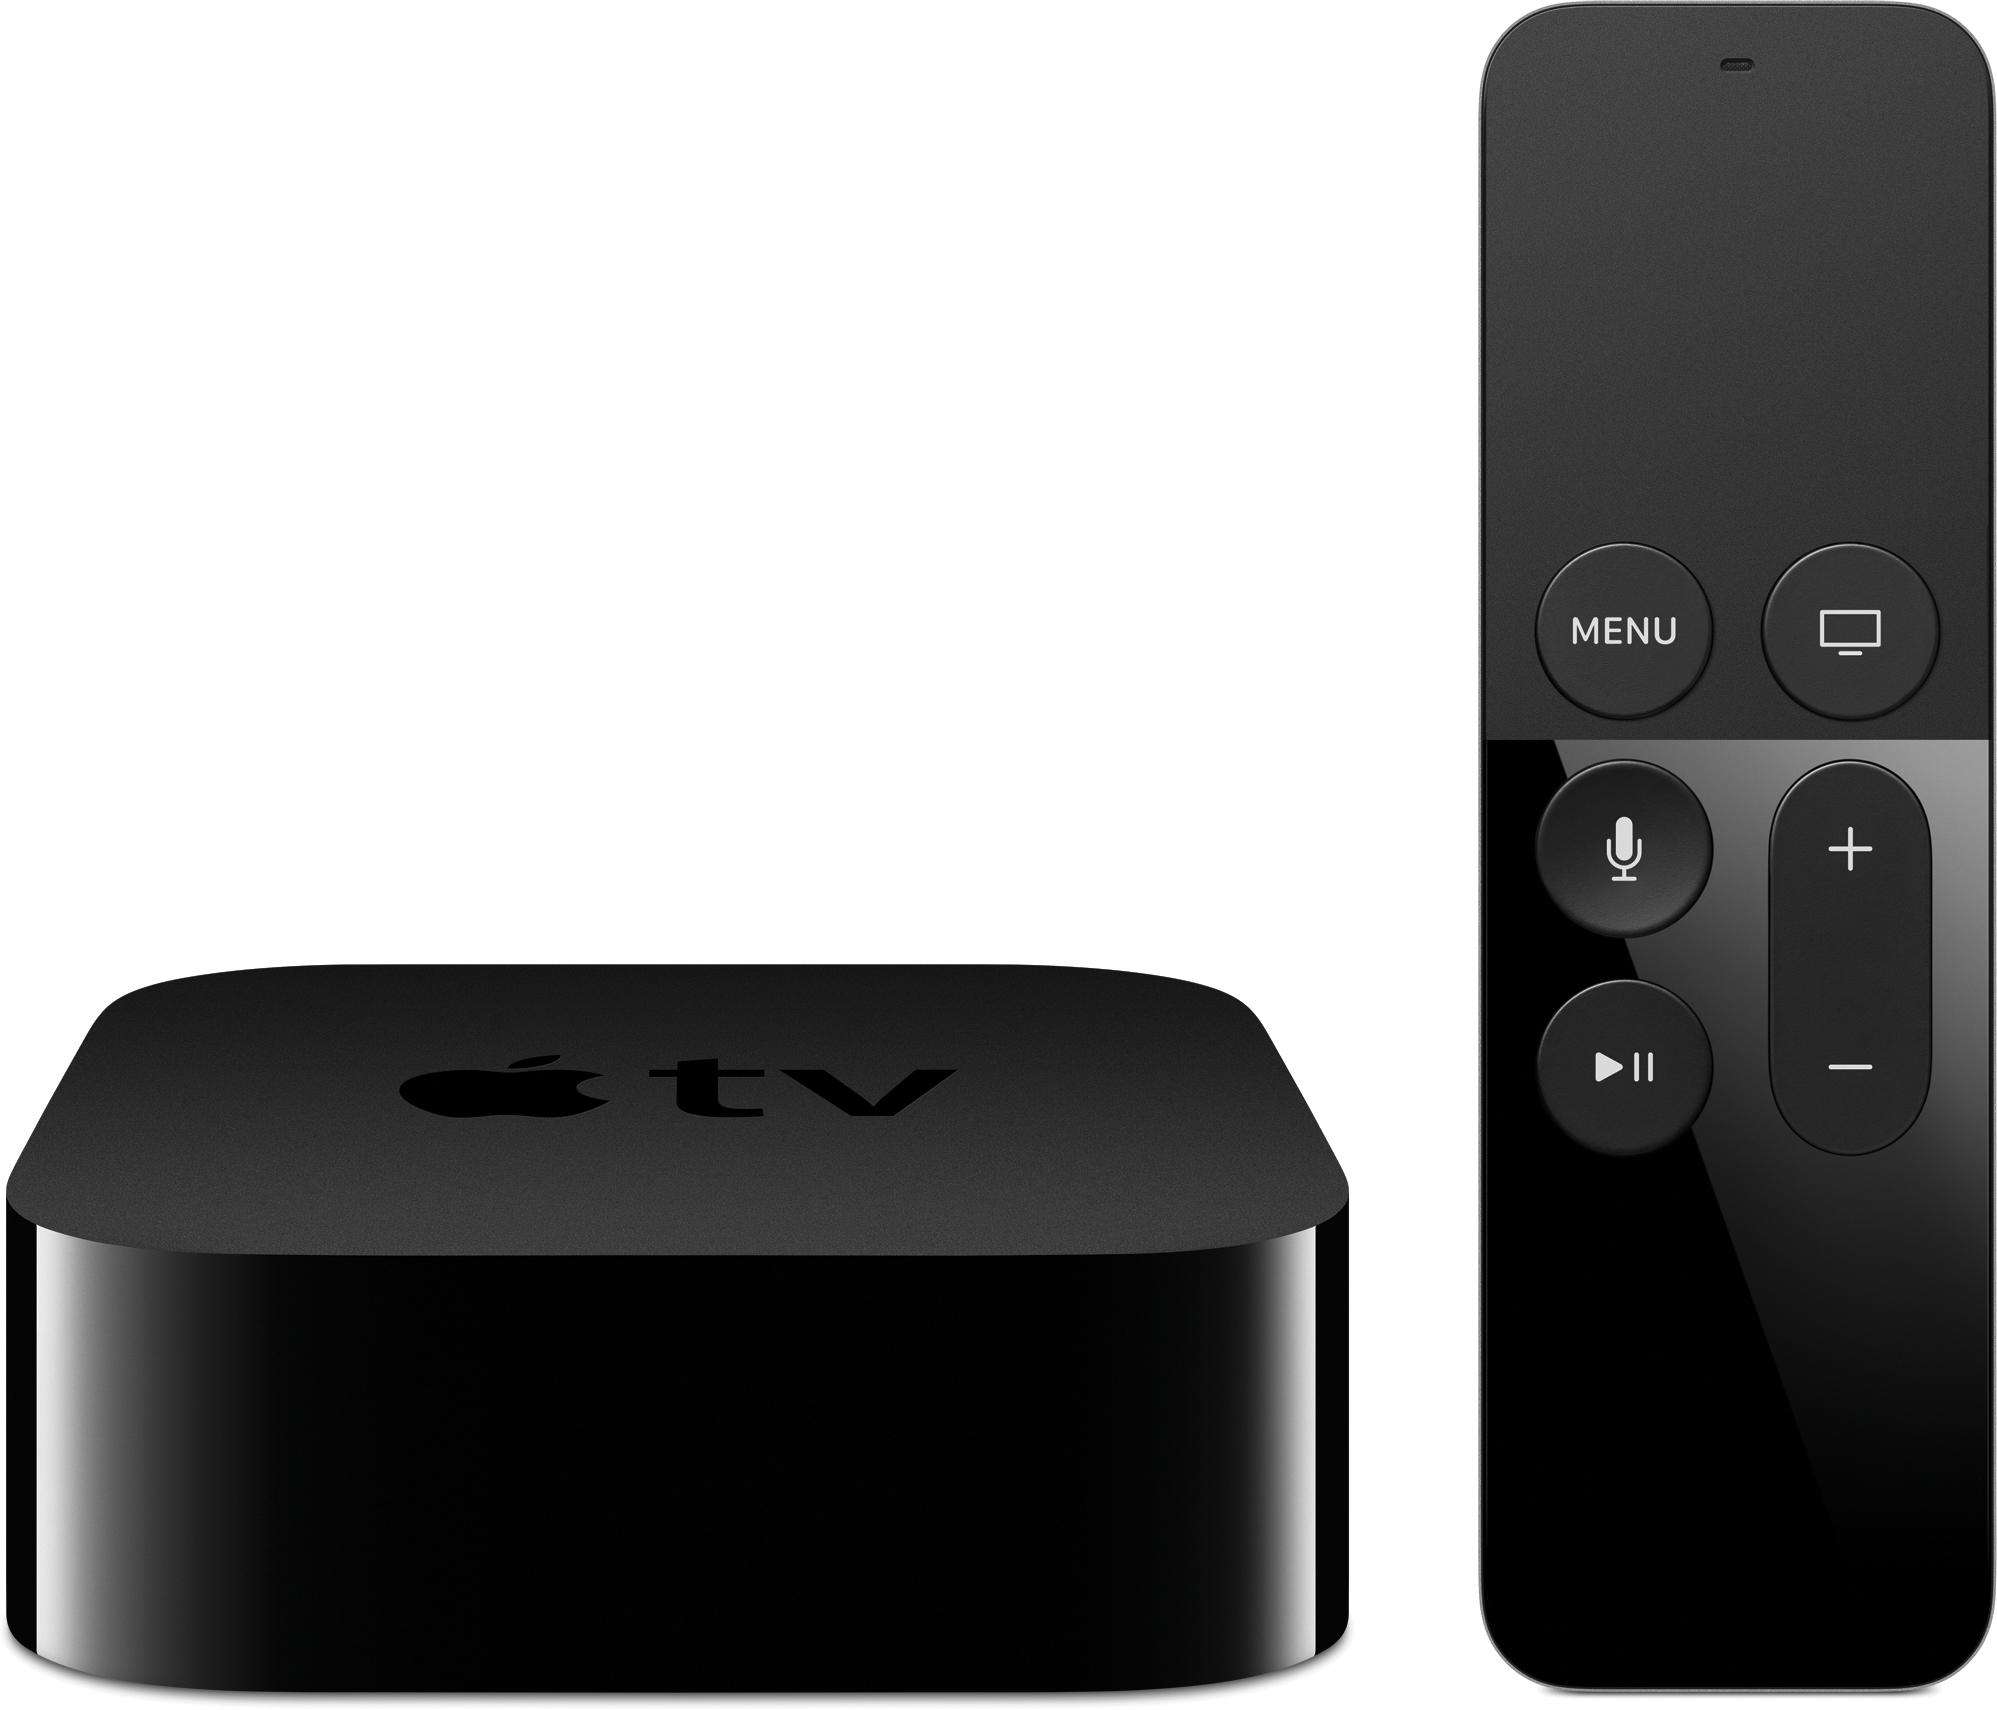 Nova Apple TV ao lado do controle remoto